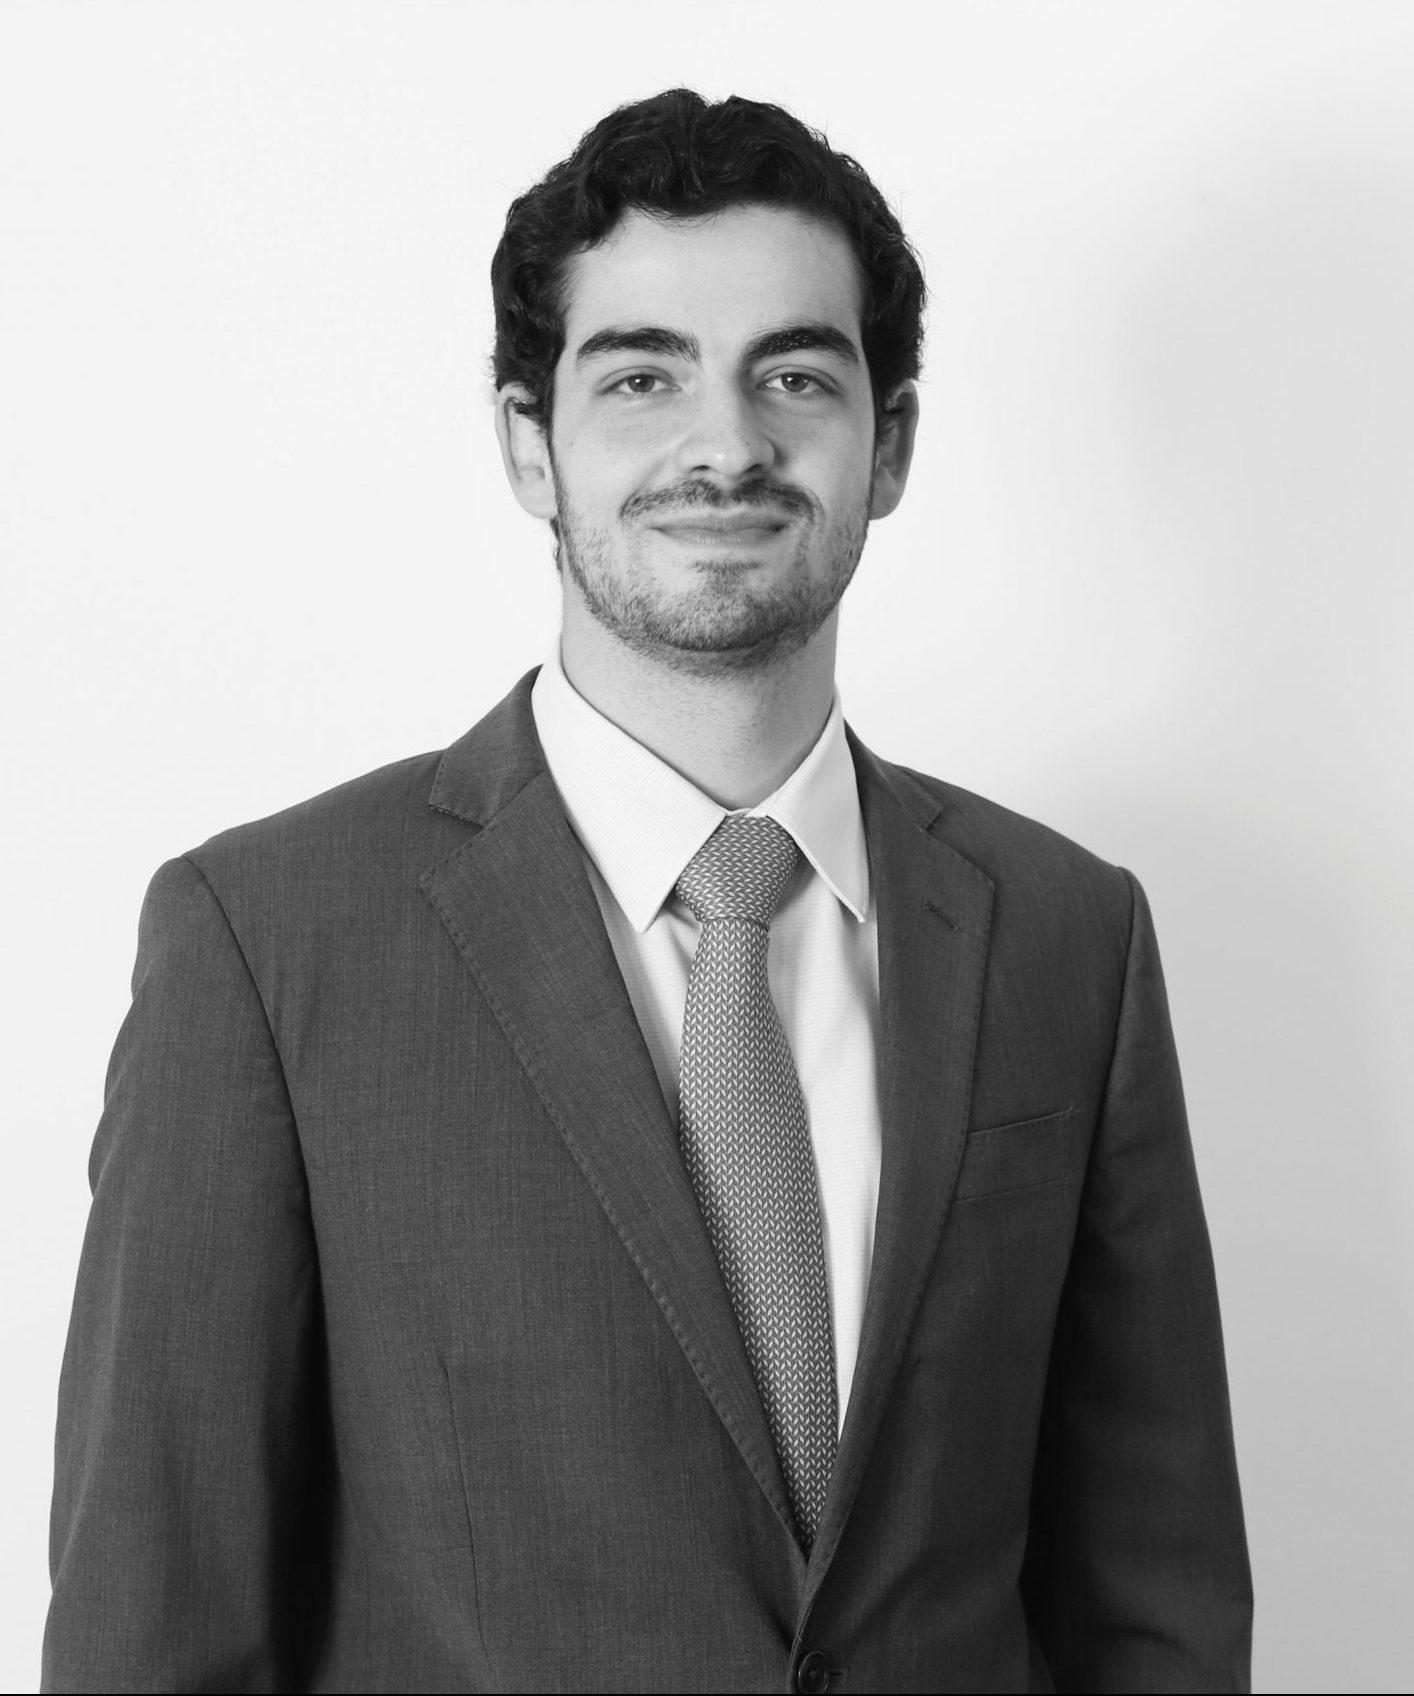 Mário Pimenta Camargo Neto